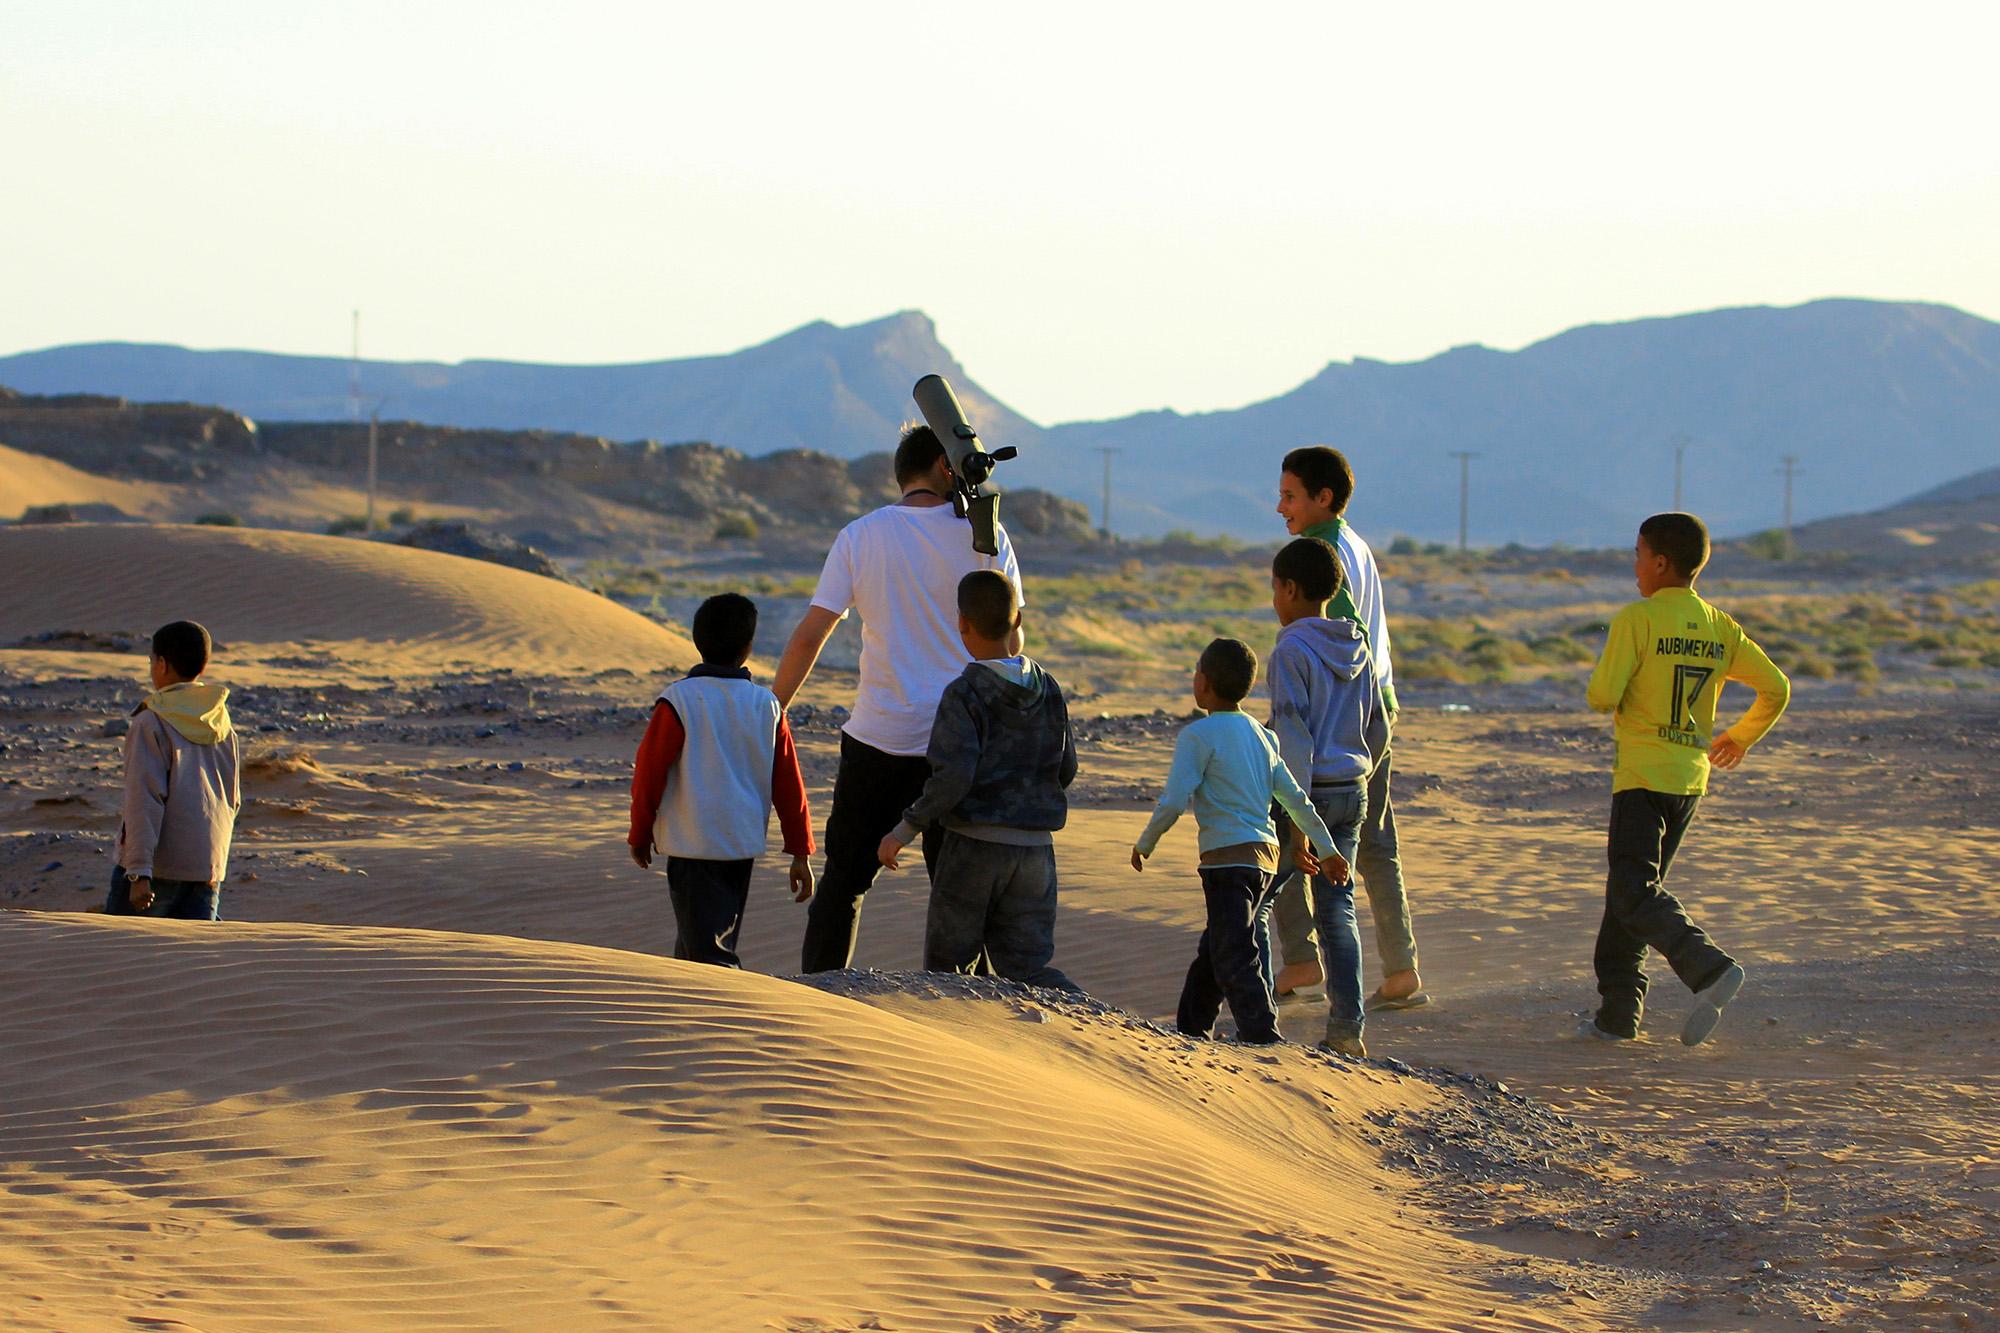 Educación ambiental en pleno desierto